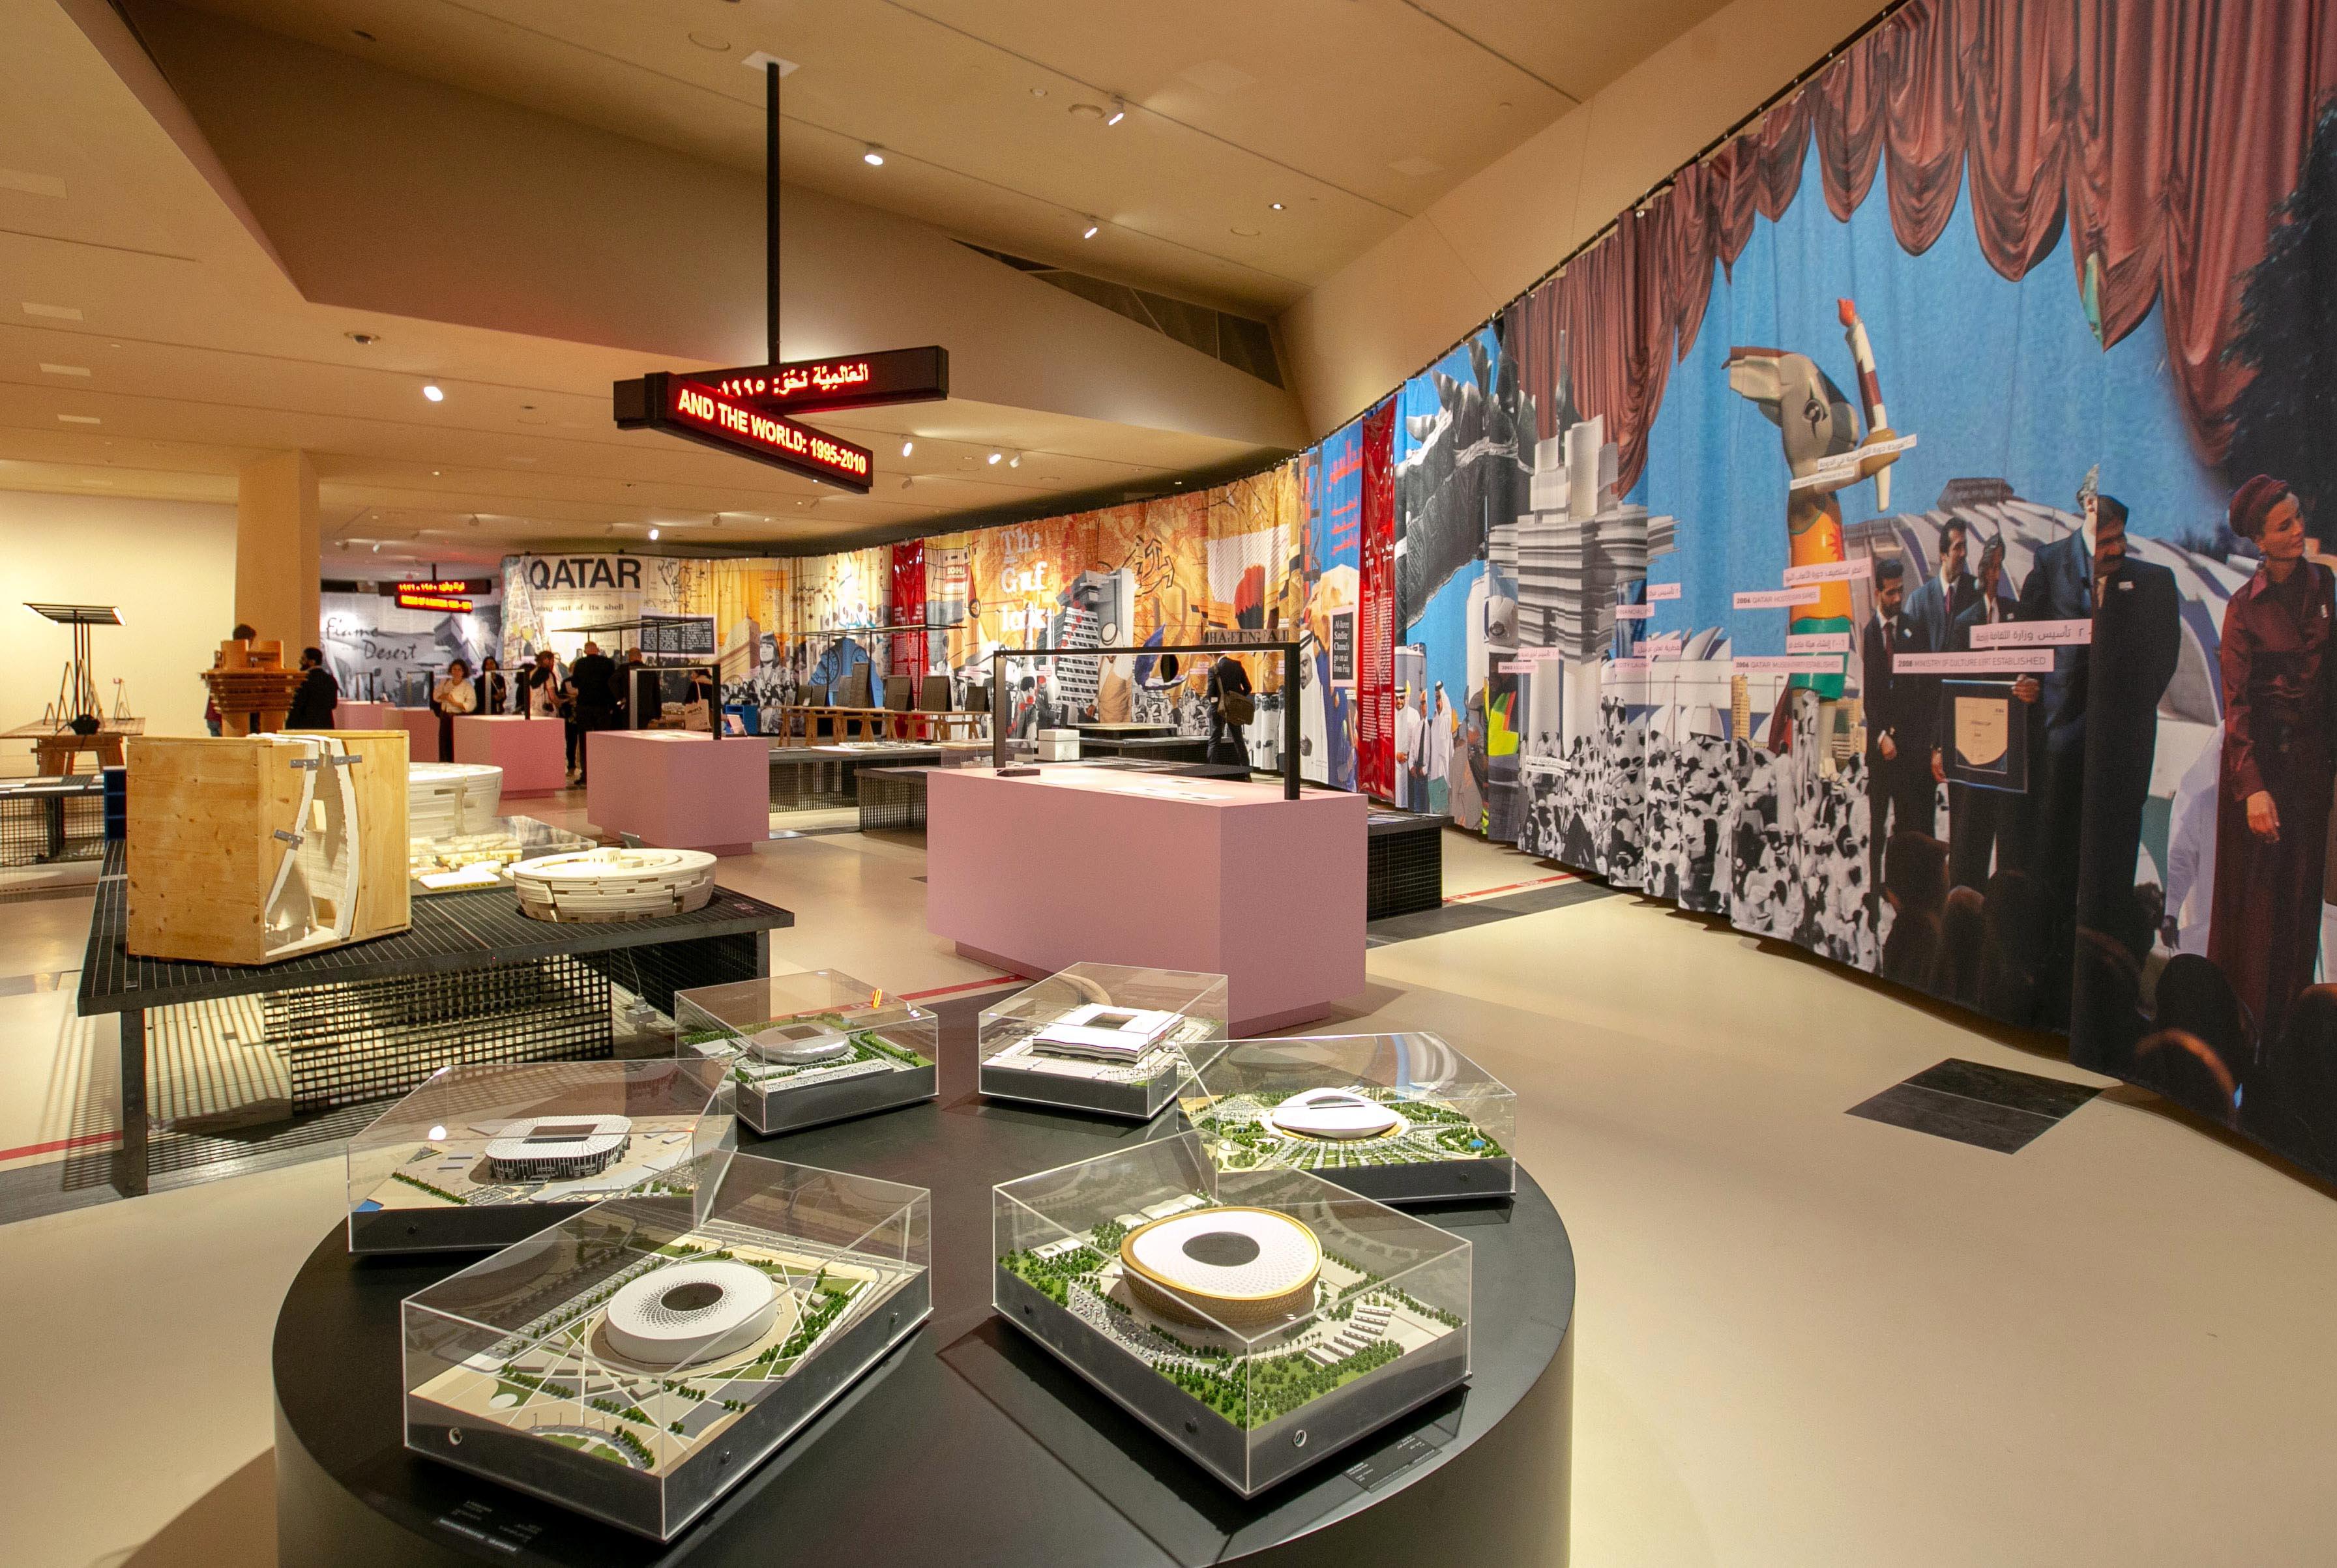 """Музеят е построен на площ 52 000 кв. м. Покривът му е изграден от 76 000 панели с 3600 различни форми и размери, които образуват 539 диска. Жан Нувел каза, че този дизайн е бил голямо техническо предизвикателство: """"Той създава вариации, неочаквани пространства и пропорции. Мисля, че посетителите ще бъдат изненадани""""."""